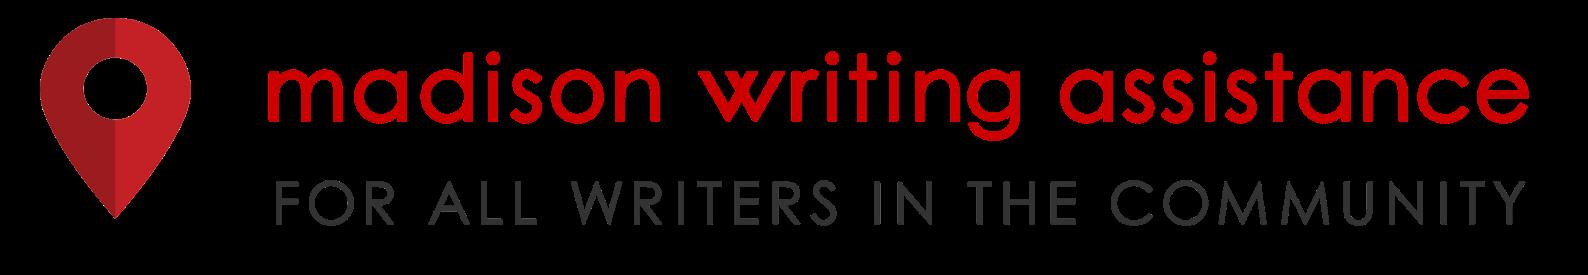 Madison Writing Assistance logo